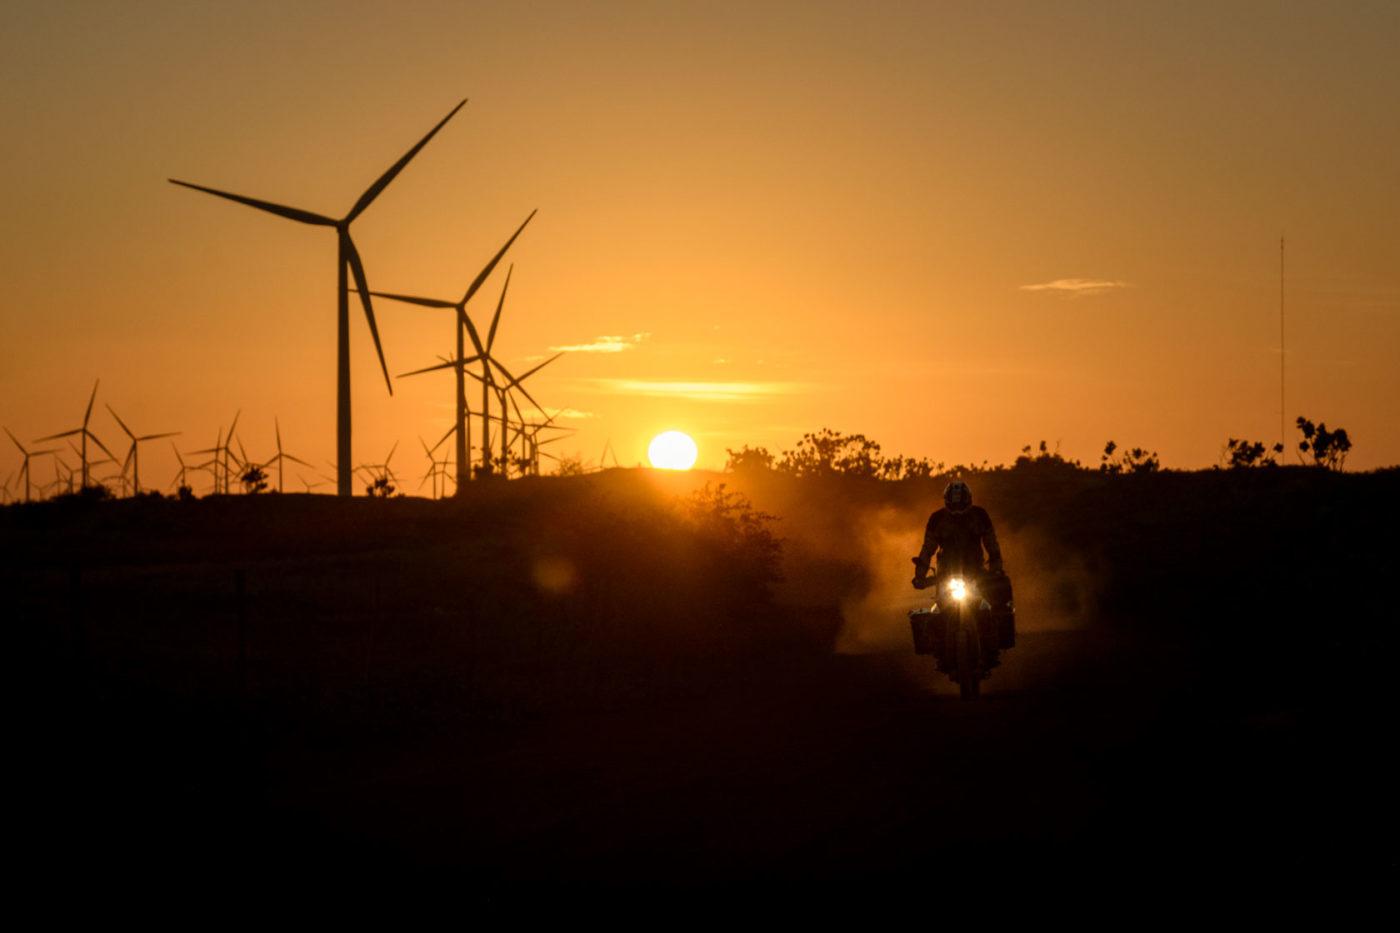 Abenteuerfotografie mit dem Motorrad. Licht zum Sonnenuntergang.